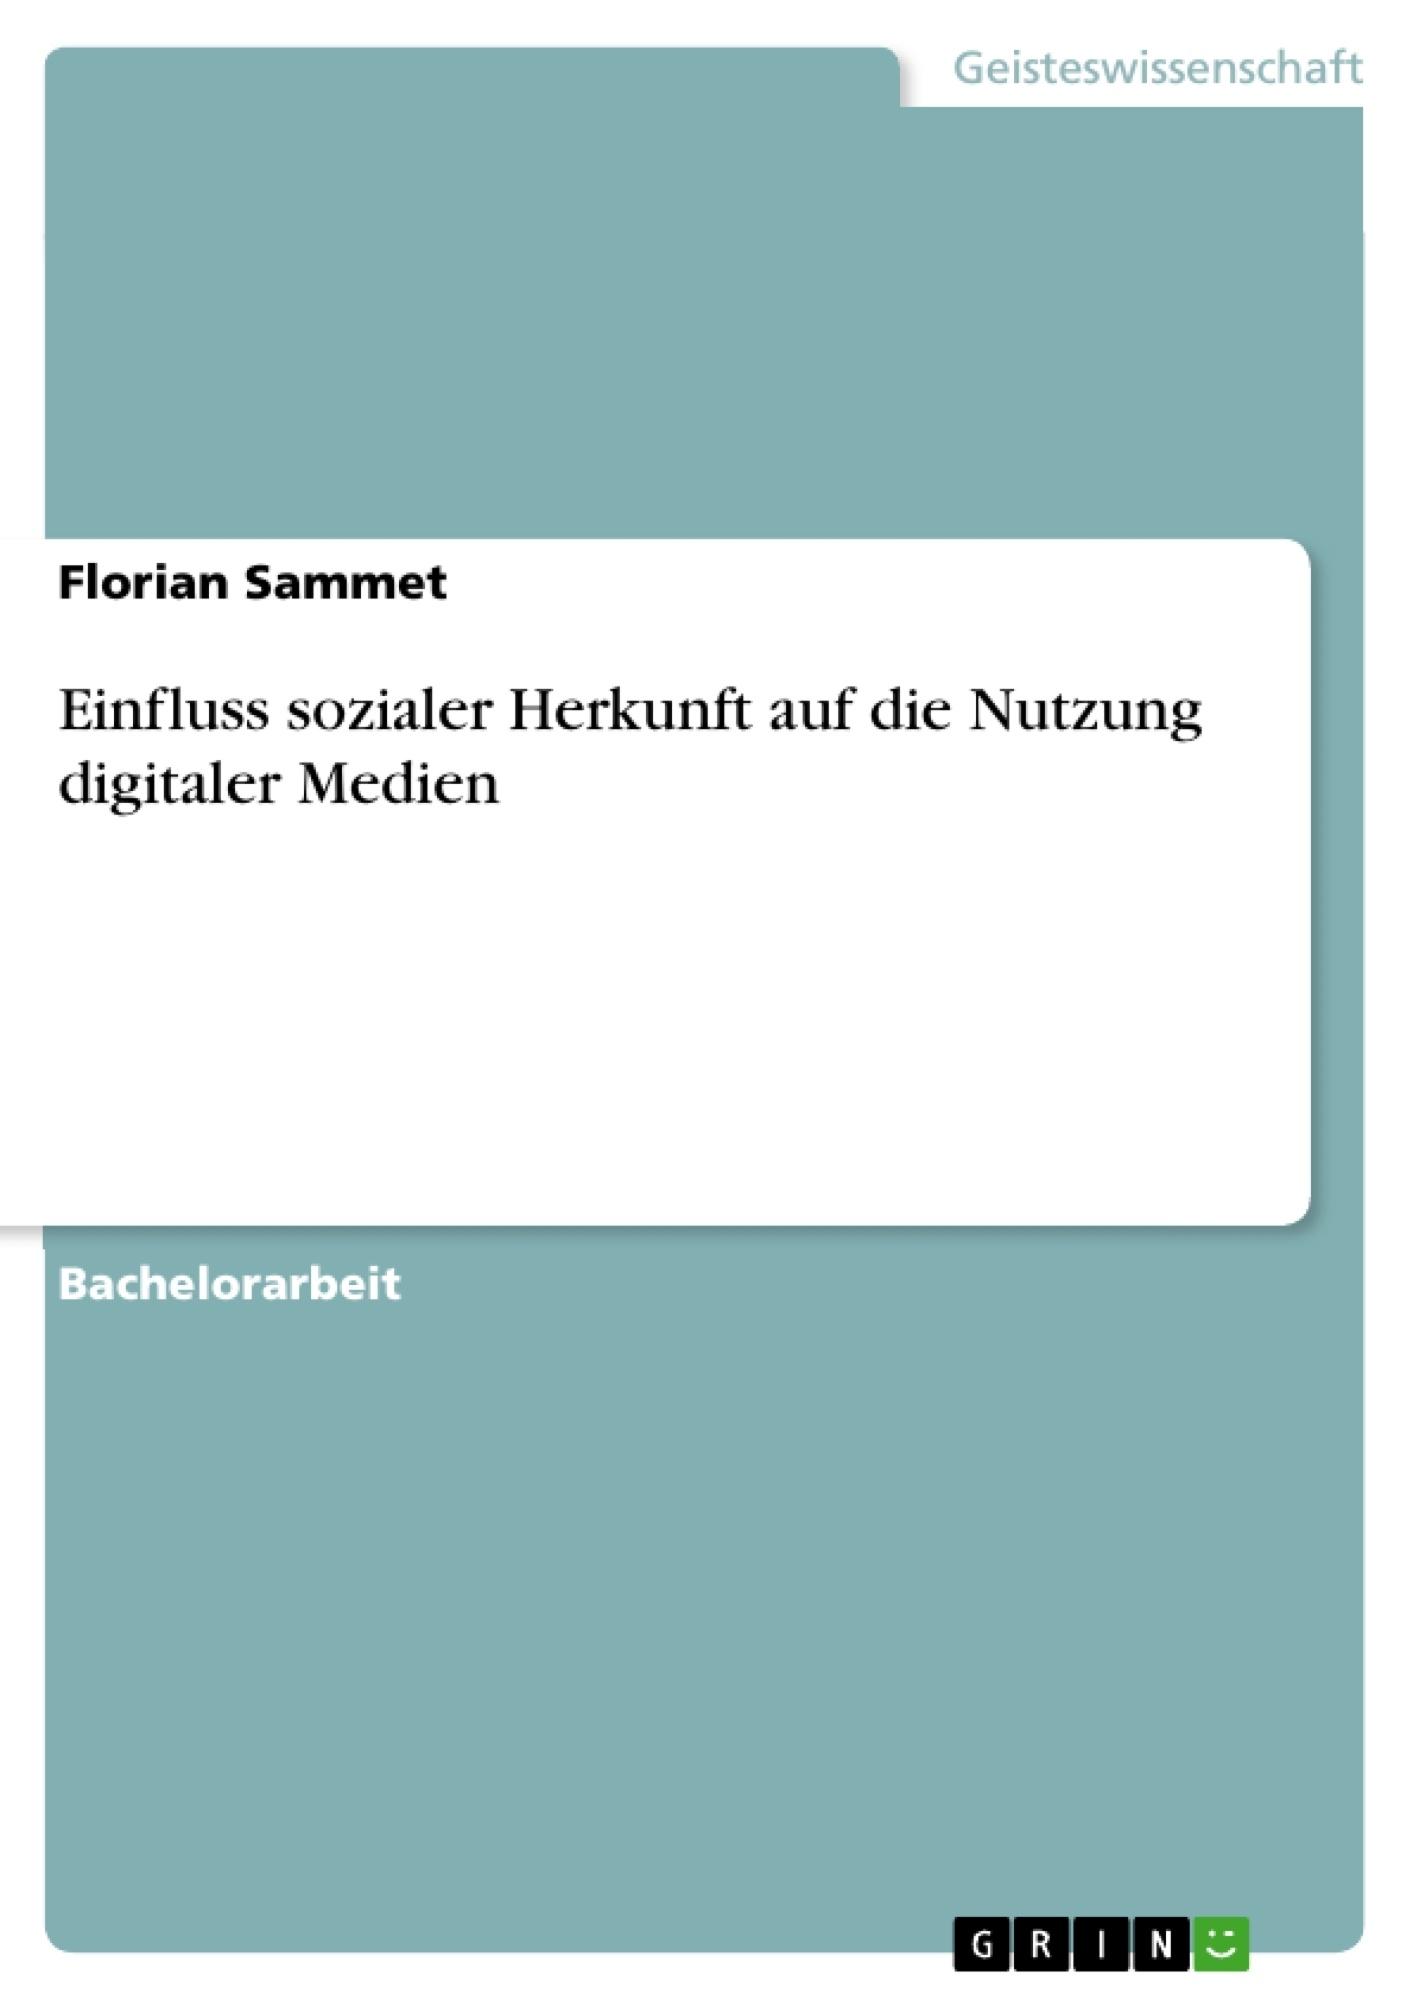 Titel: Einfluss sozialer Herkunft auf die Nutzung digitaler Medien